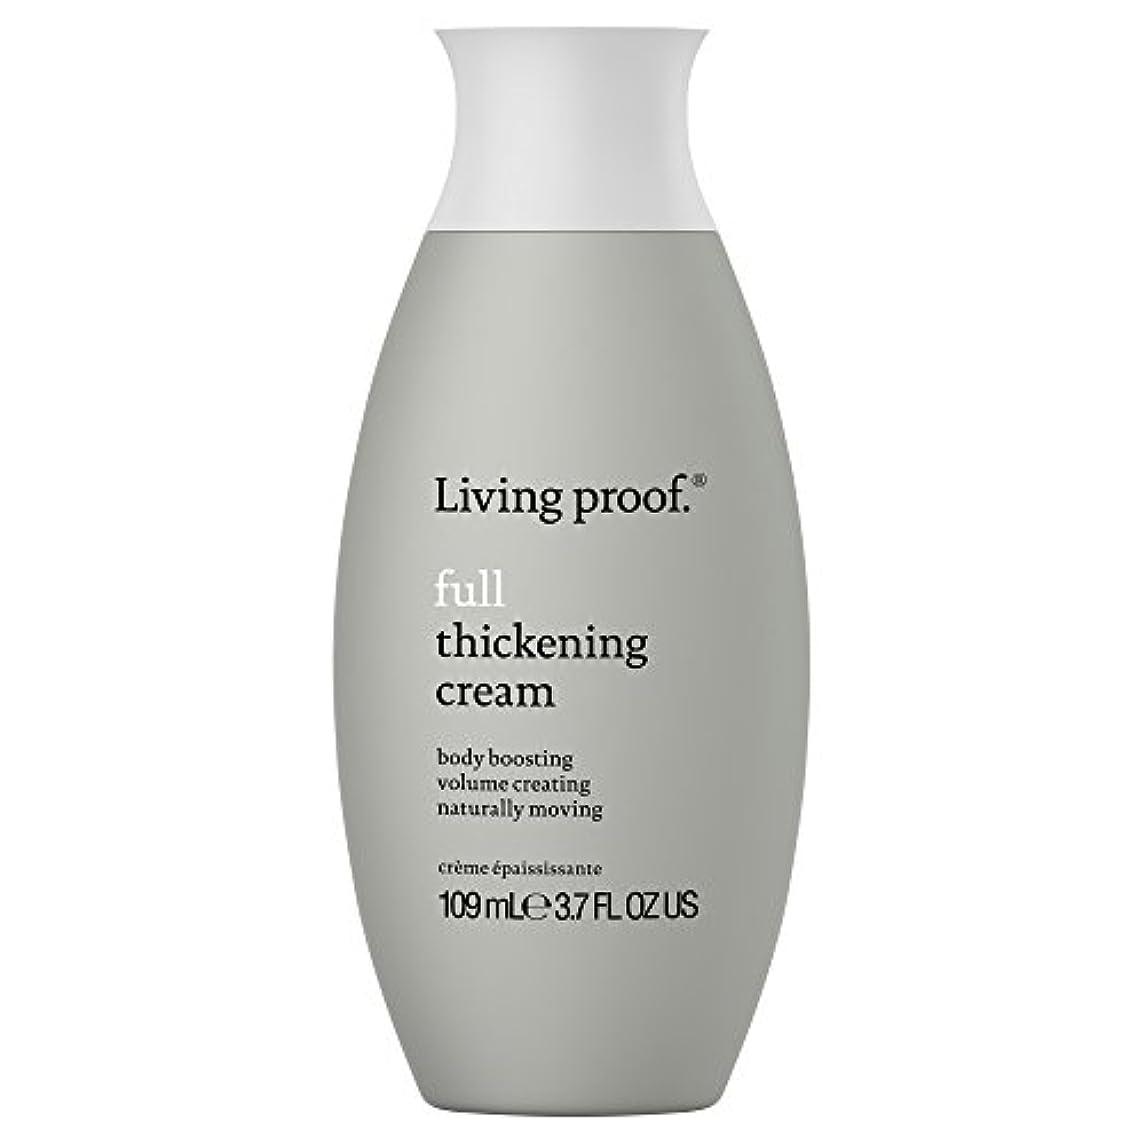 トーナメント道路を作るプロセス徹底的に生きている証拠フル肥厚クリーム109ミリリットル (Living Proof) (x6) - Living Proof Full Thickening Cream 109ml (Pack of 6) [並行輸入品]